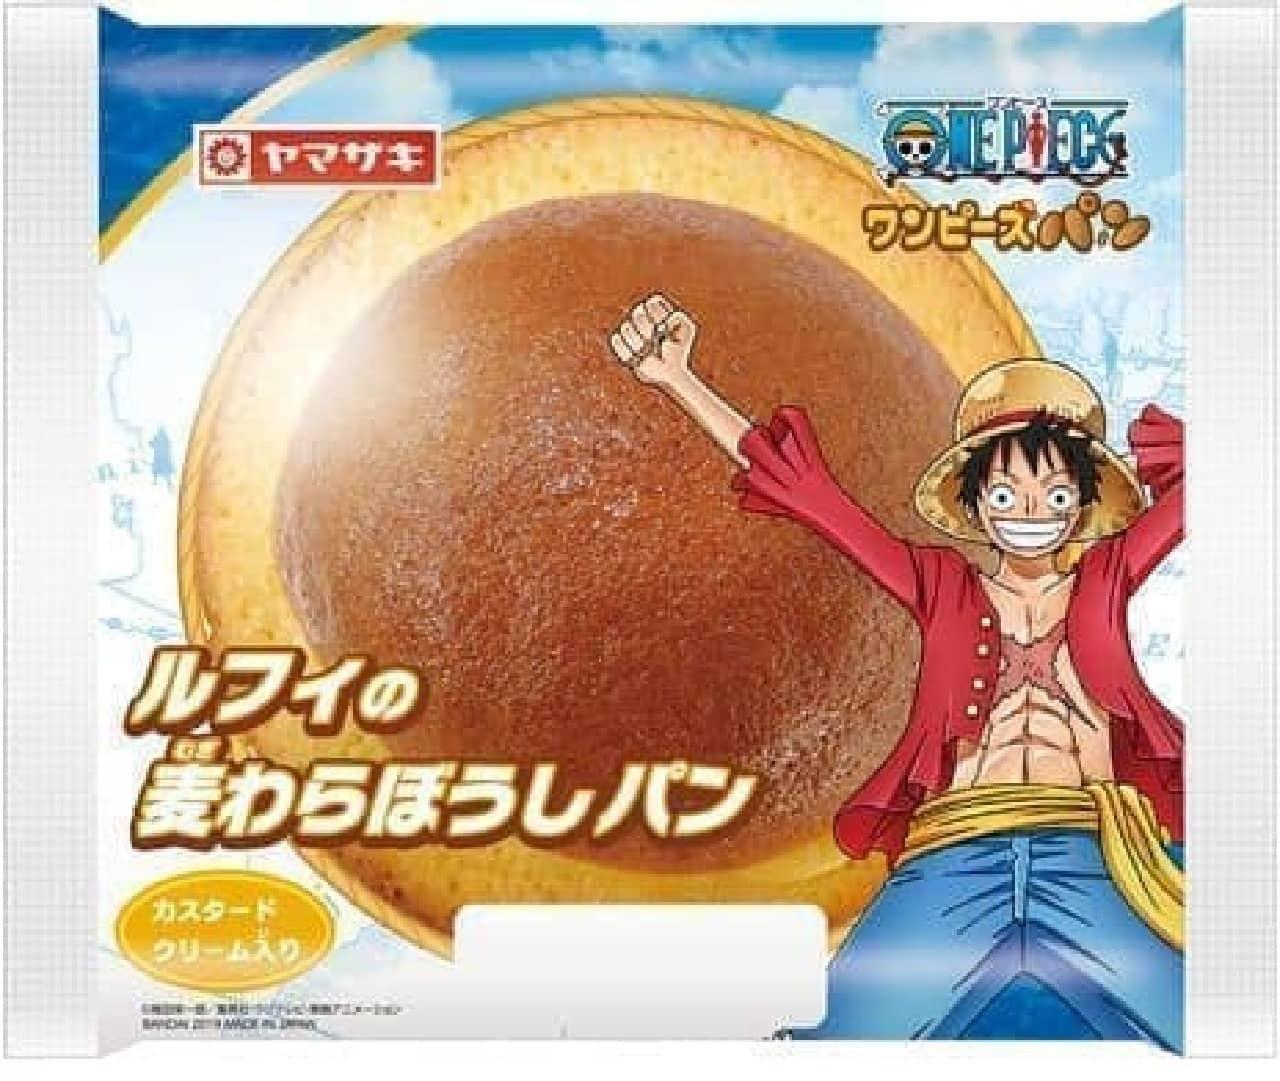 ヤマザキ、「ONE PIECE」とコラボした菓子パン